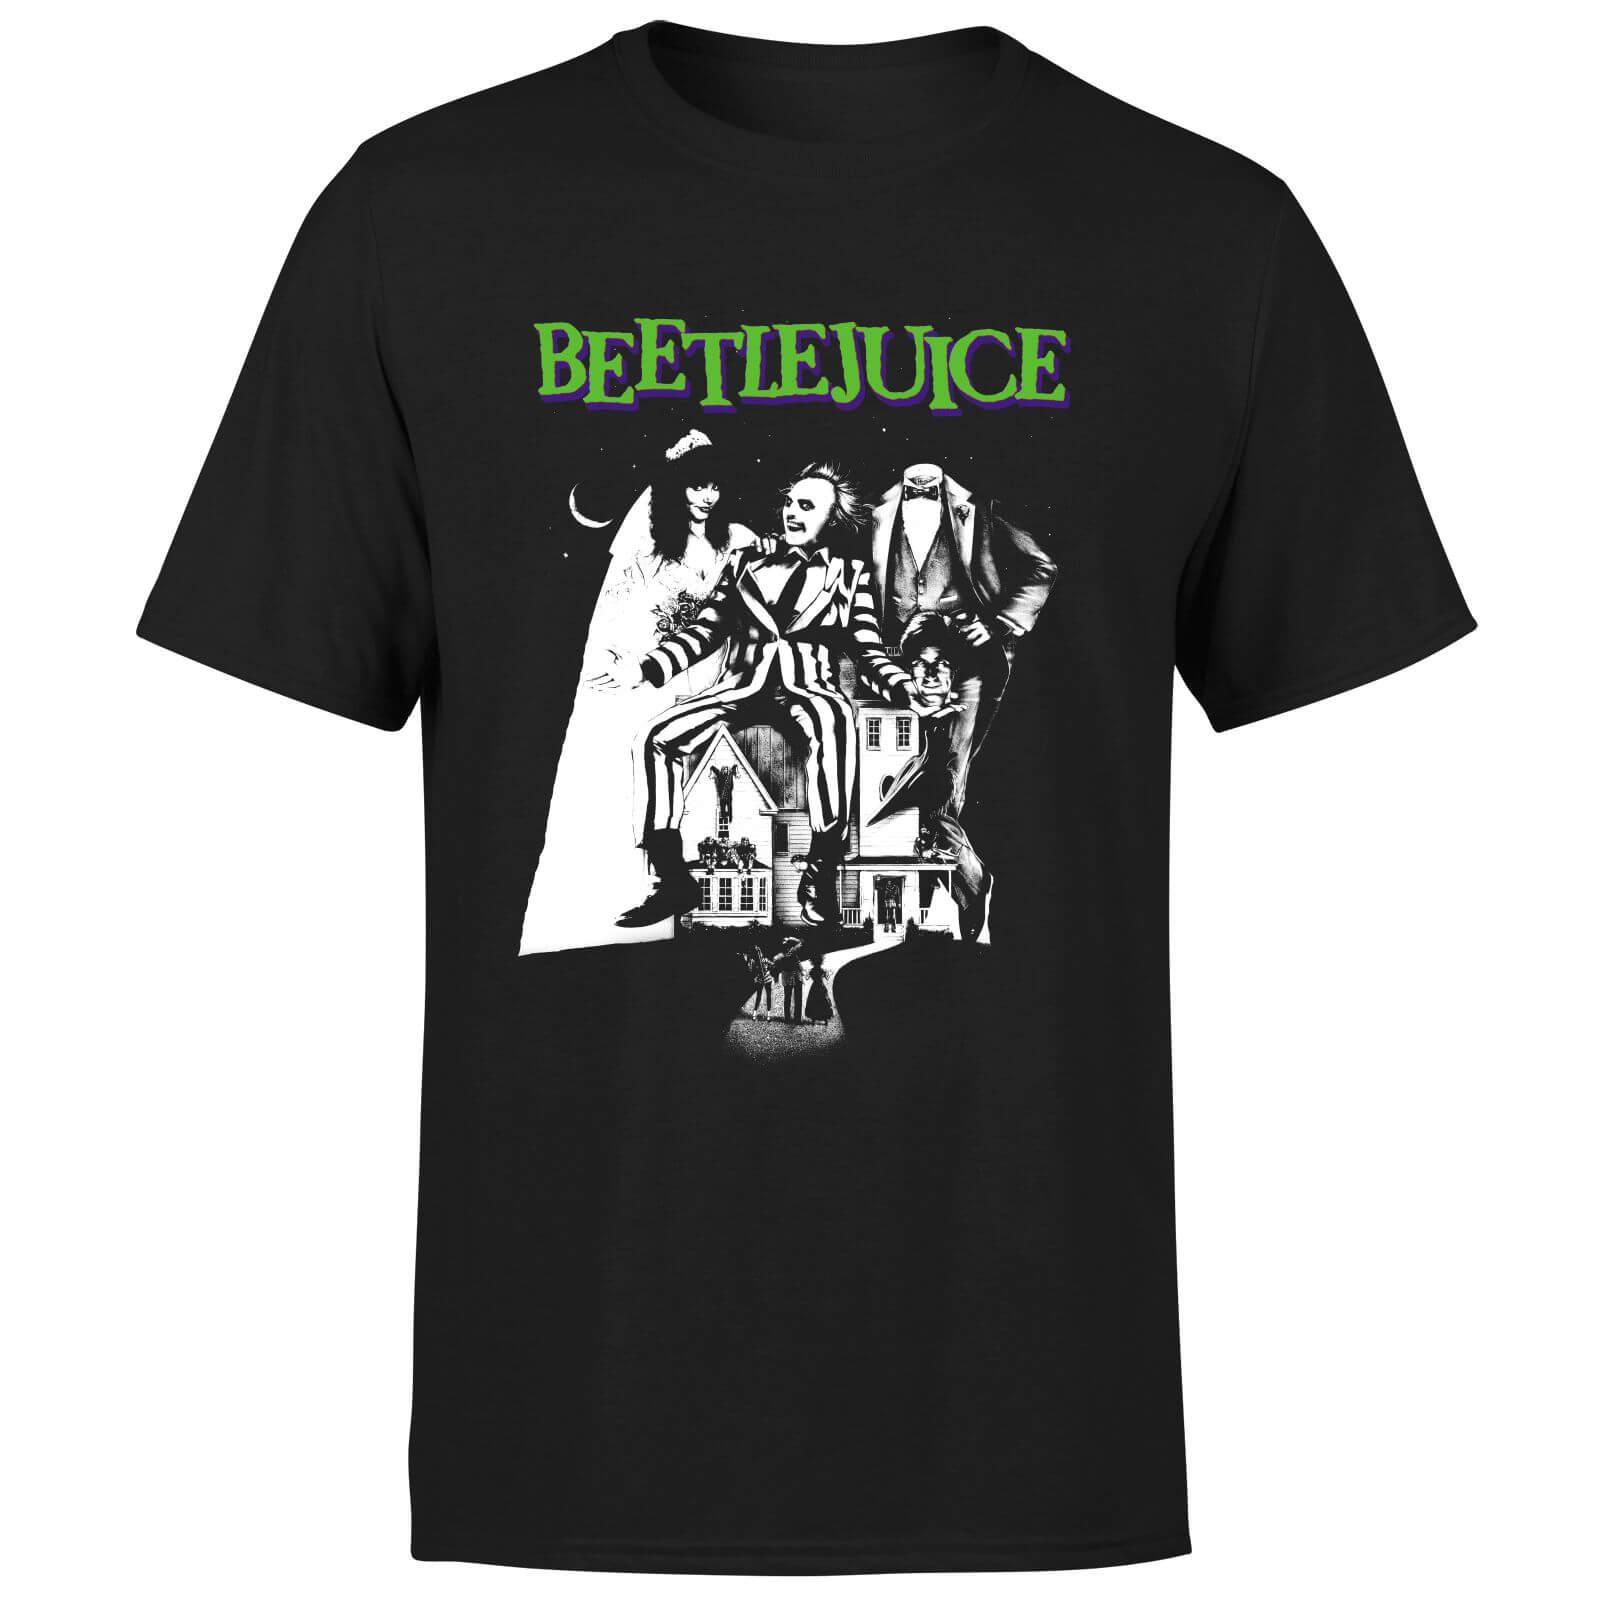 Beetlejuice T-Shirt Homme Affiche Mono Beetlejuice - Noir - XL - Noir